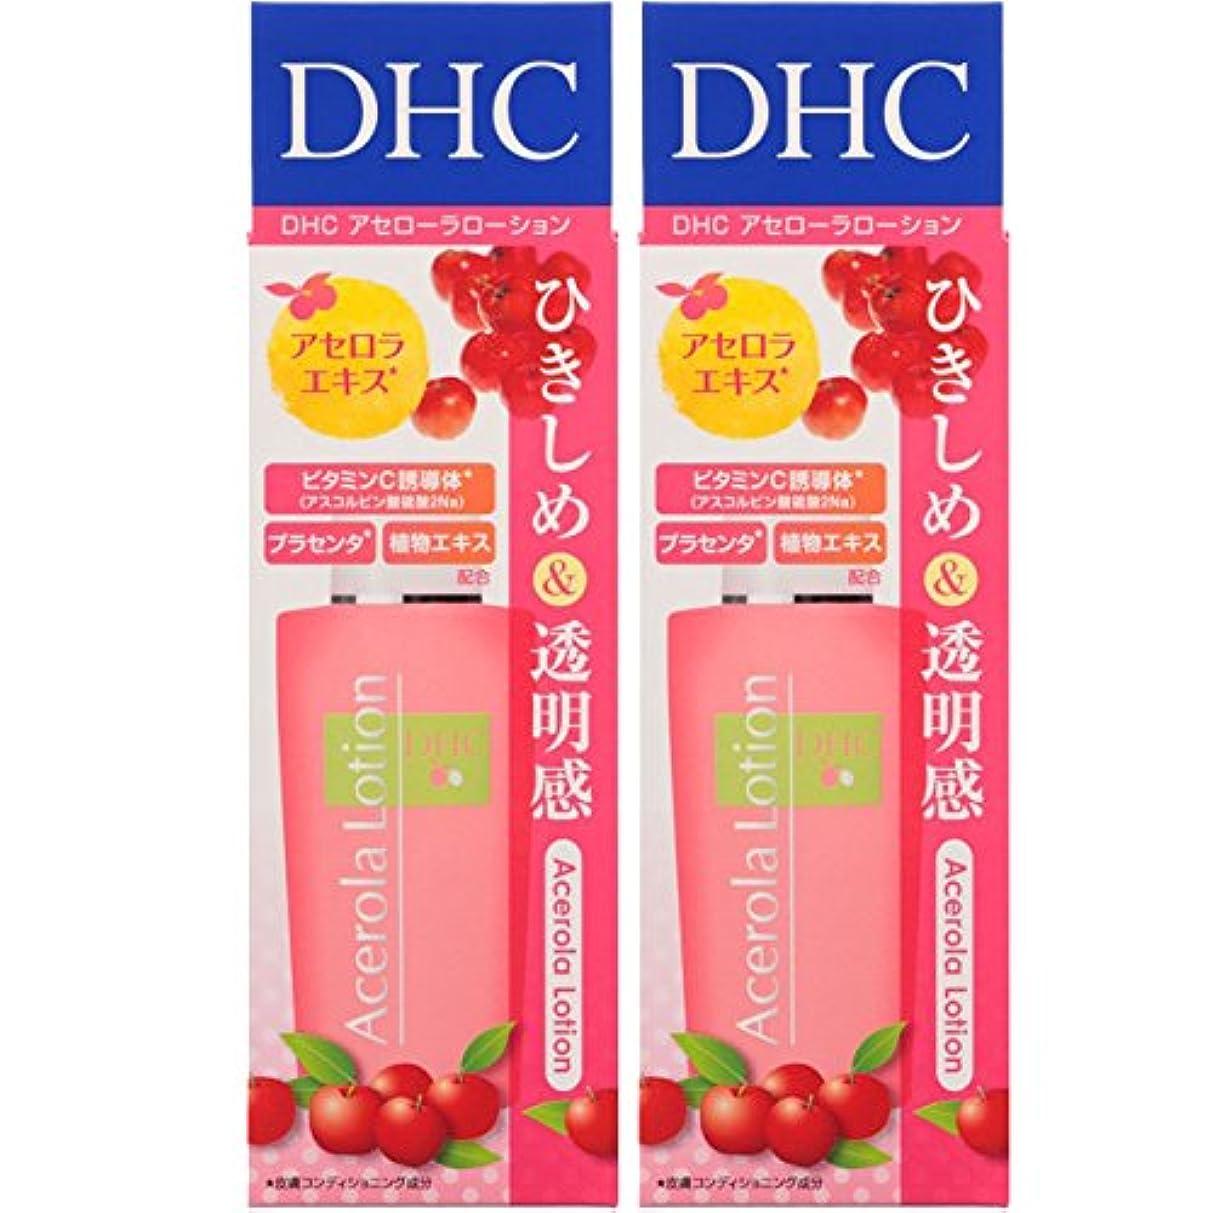 起こりやすい胆嚢る【セット品】DHC アセロラローション (SS) 40ml 2個セット